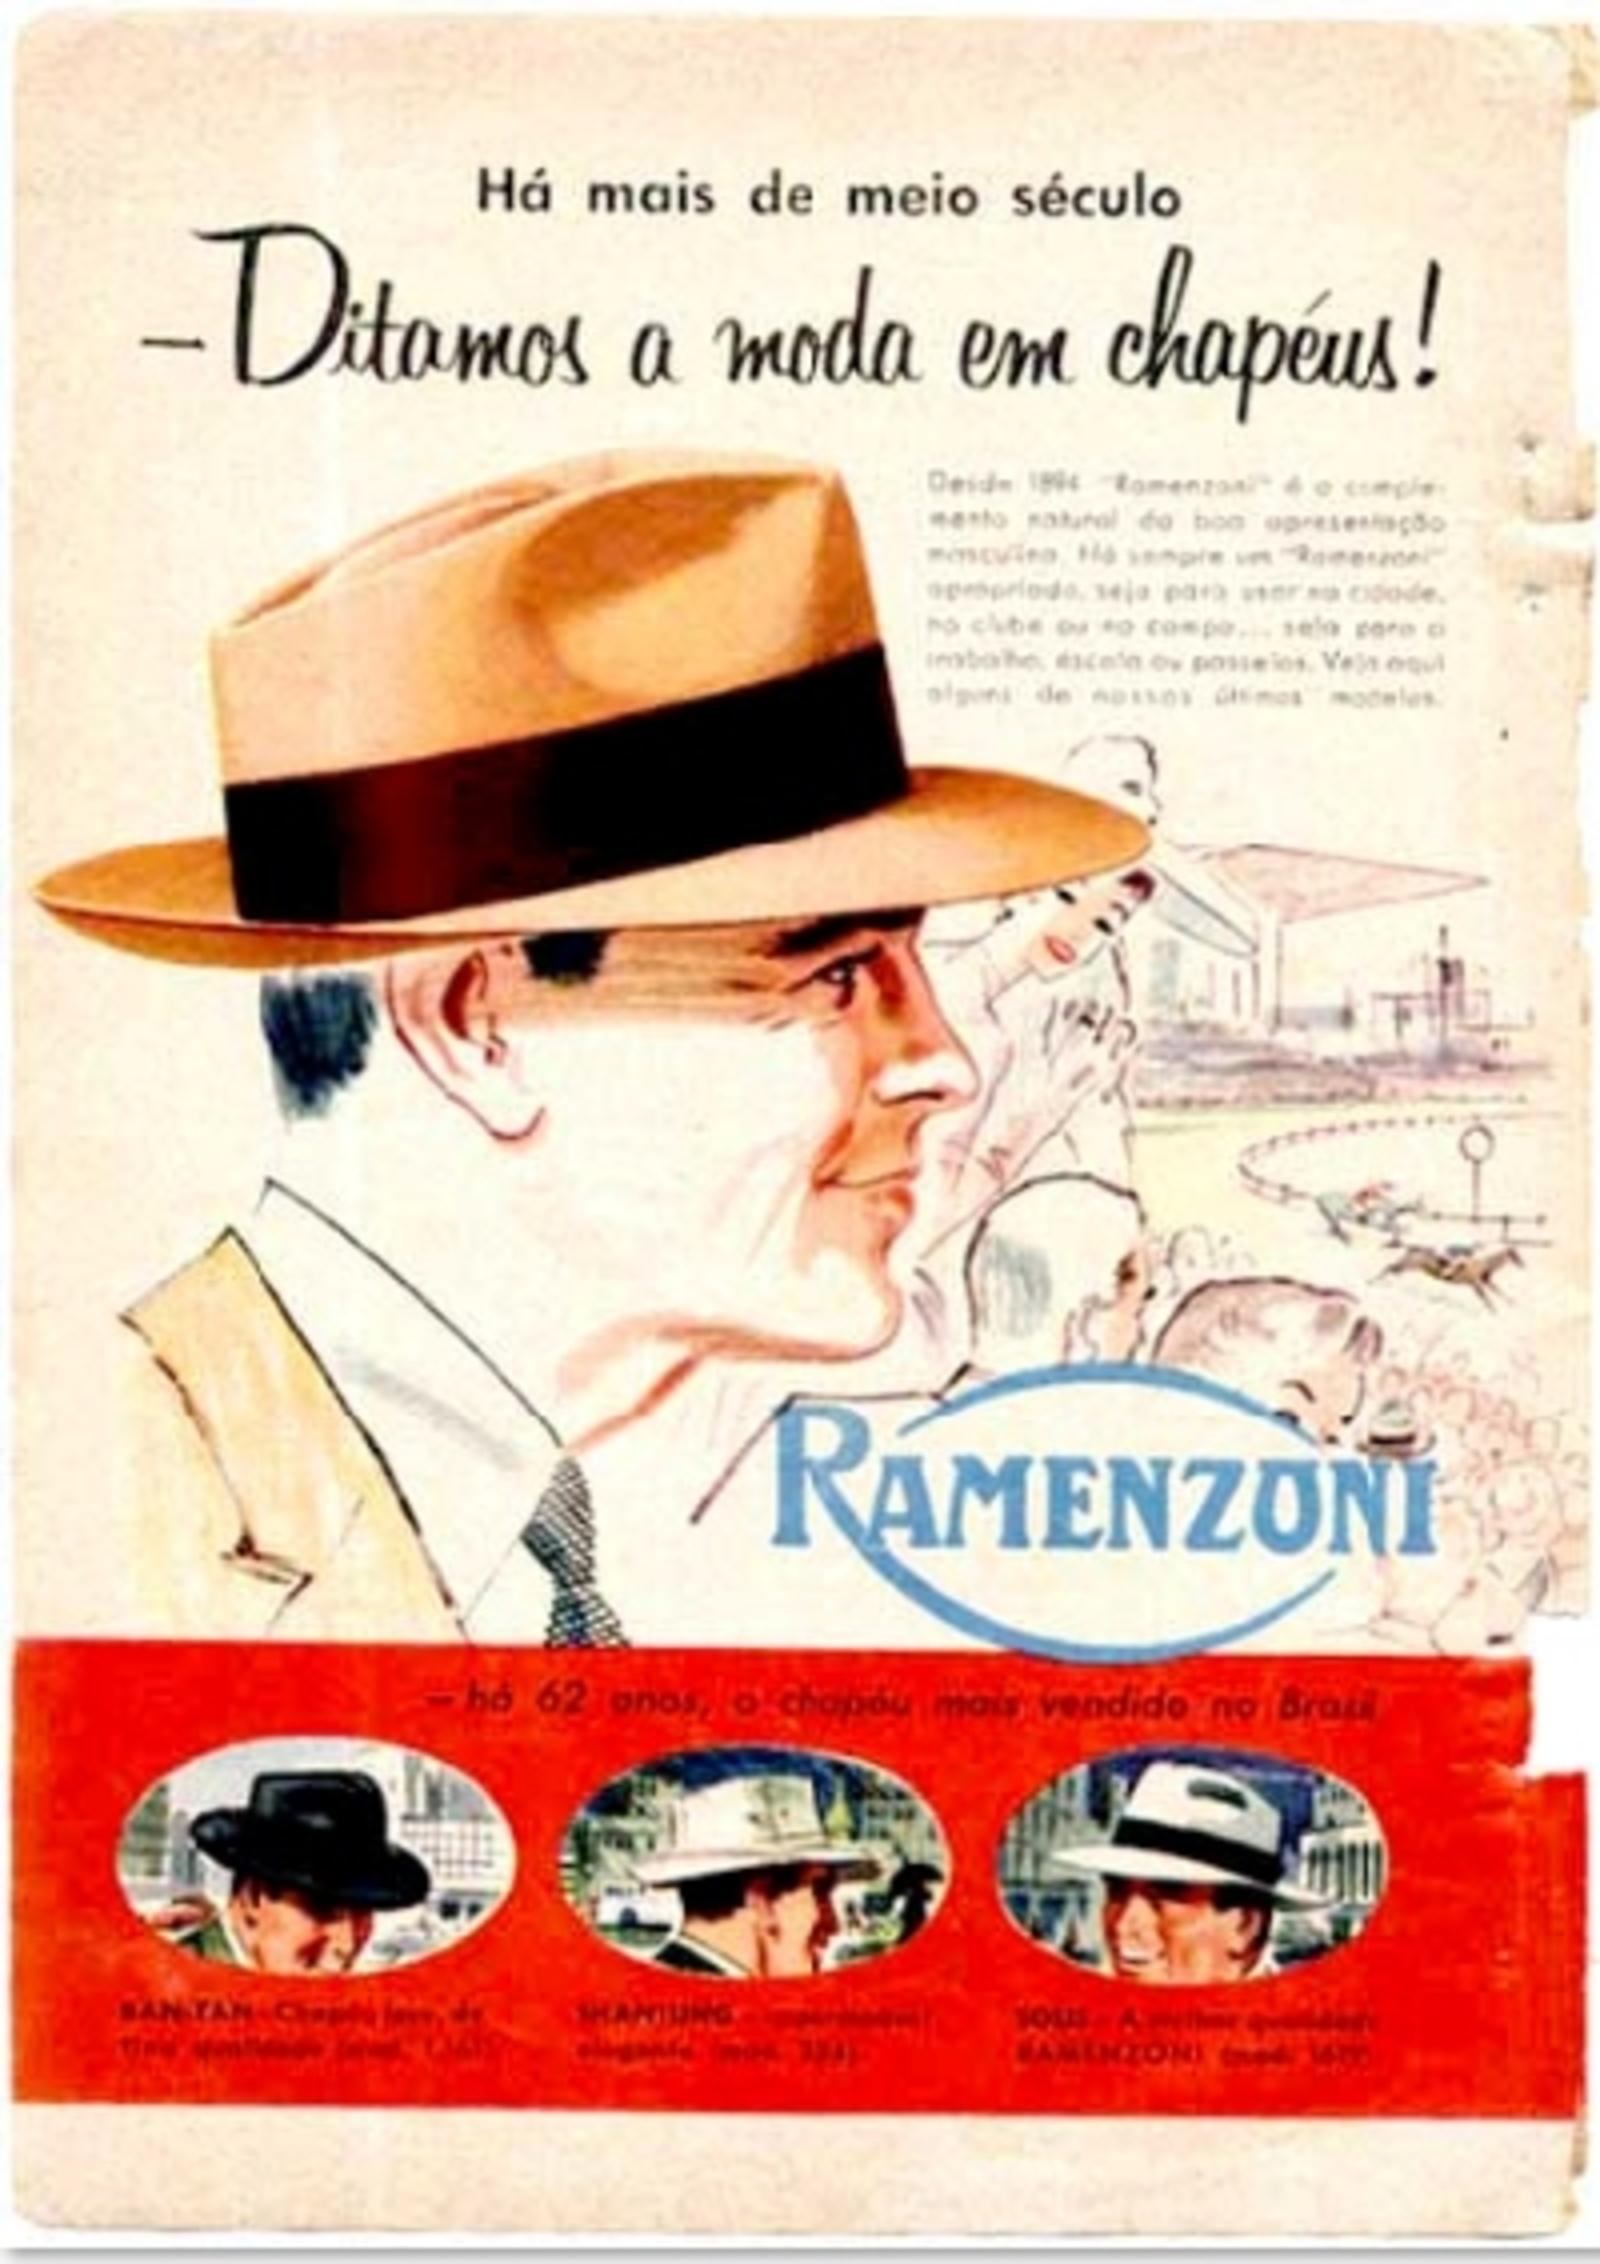 Chapéus Ramenzoni (1956) - Muzeez 7c5f0cb34b7